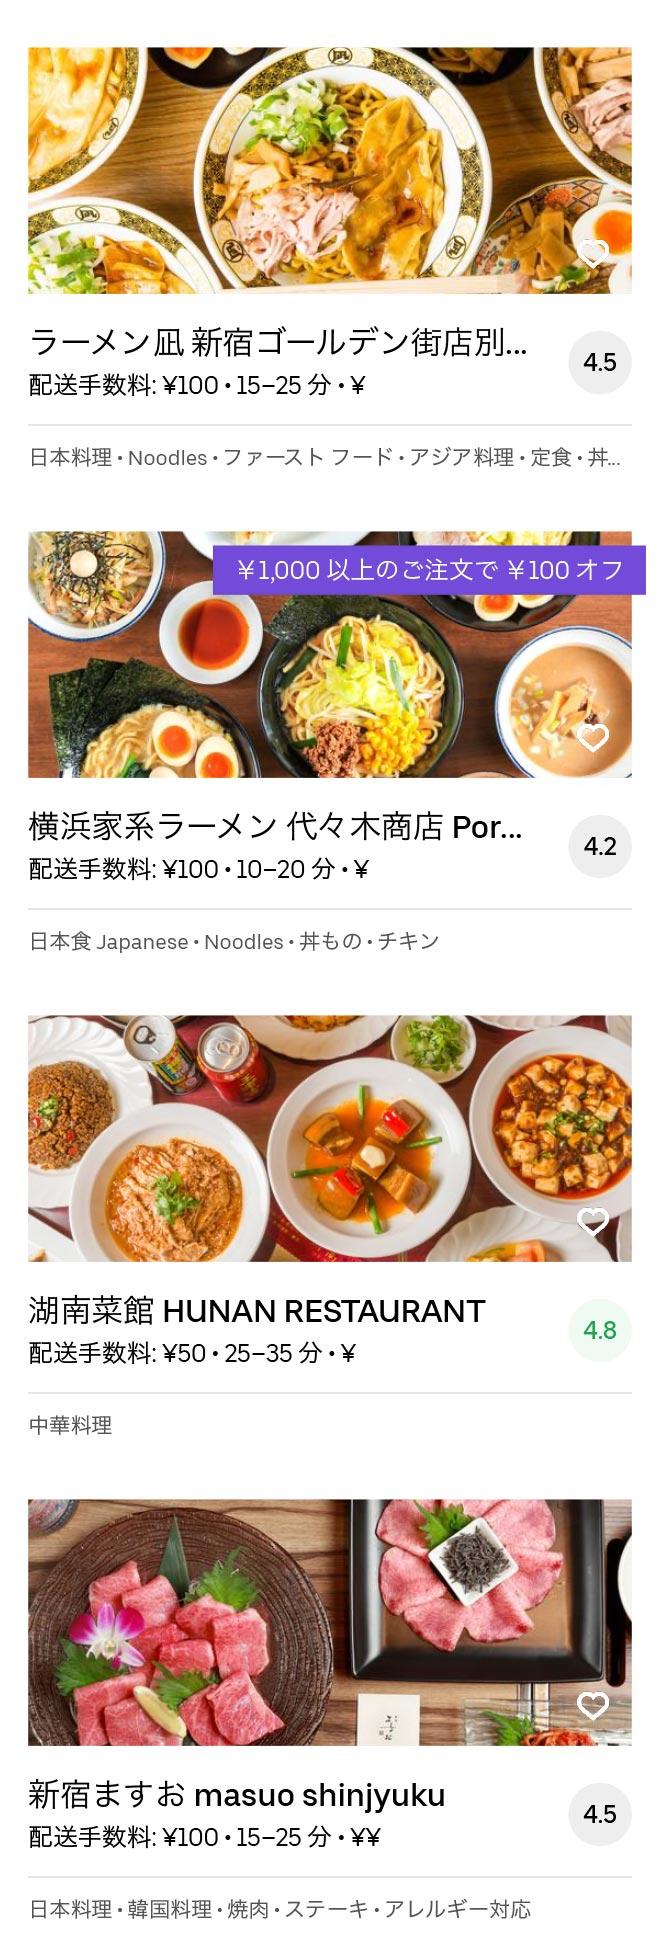 Tokyo shonjuku menu 2005 08